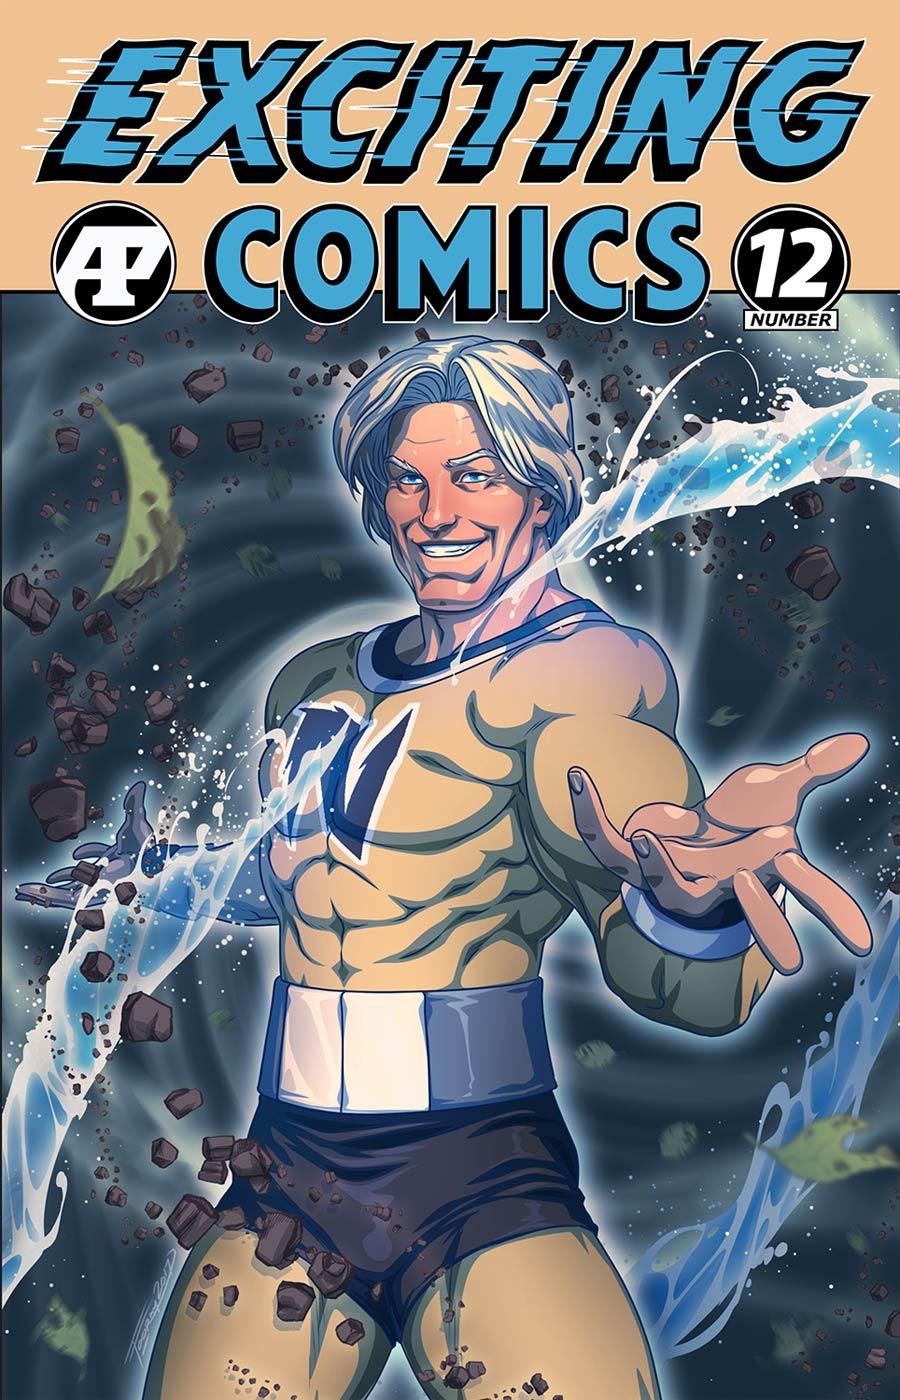 Exciting Comics Vol 2 #12